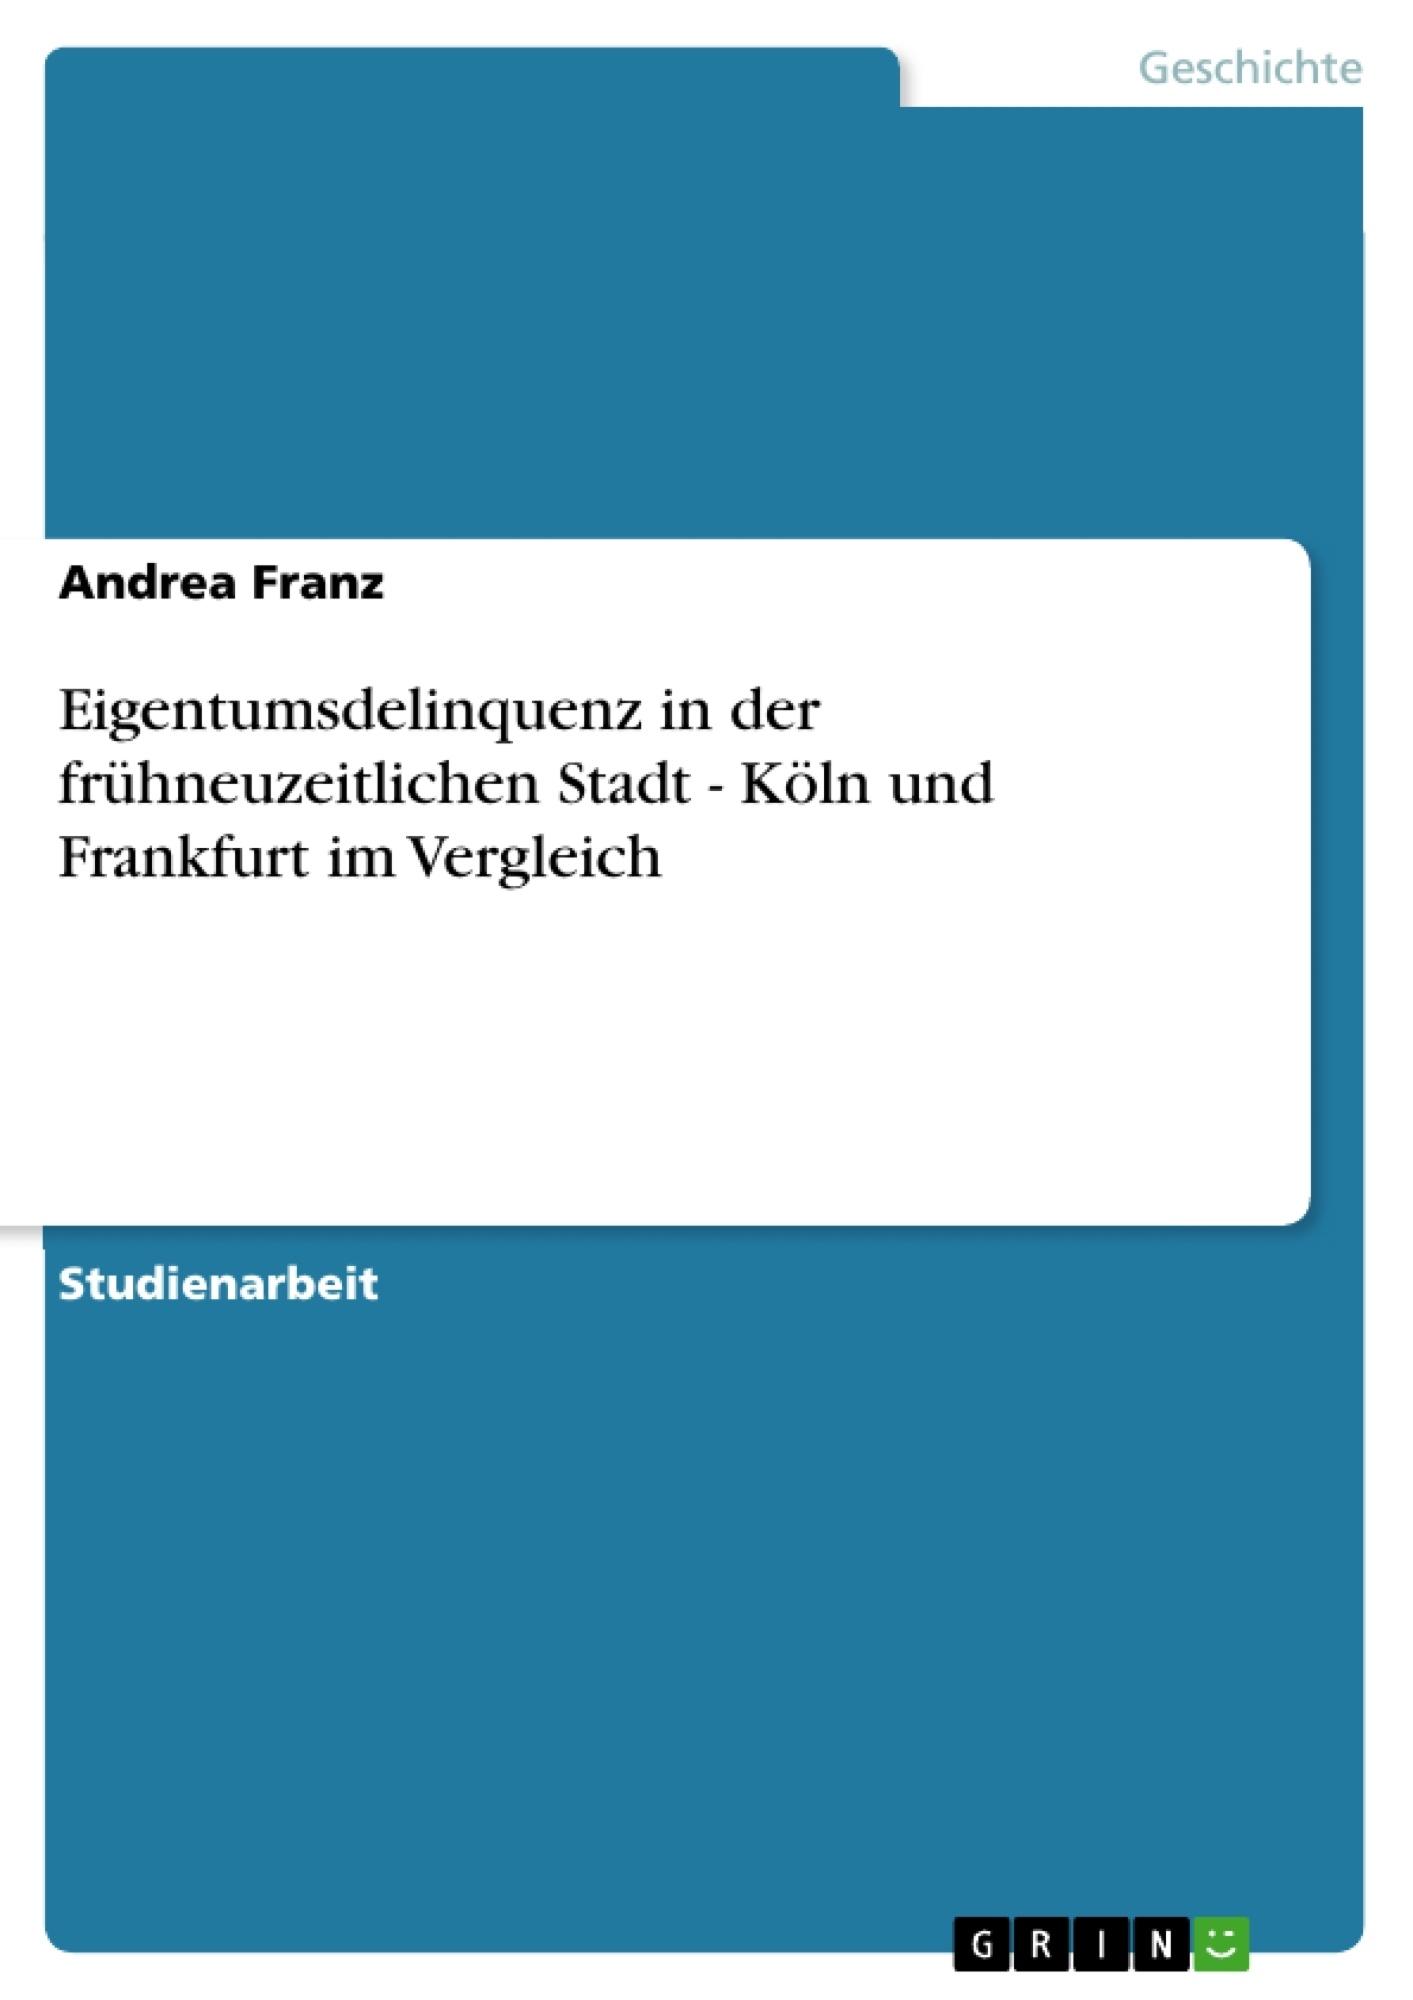 Titel: Eigentumsdelinquenz in der frühneuzeitlichen Stadt - Köln und Frankfurt im Vergleich